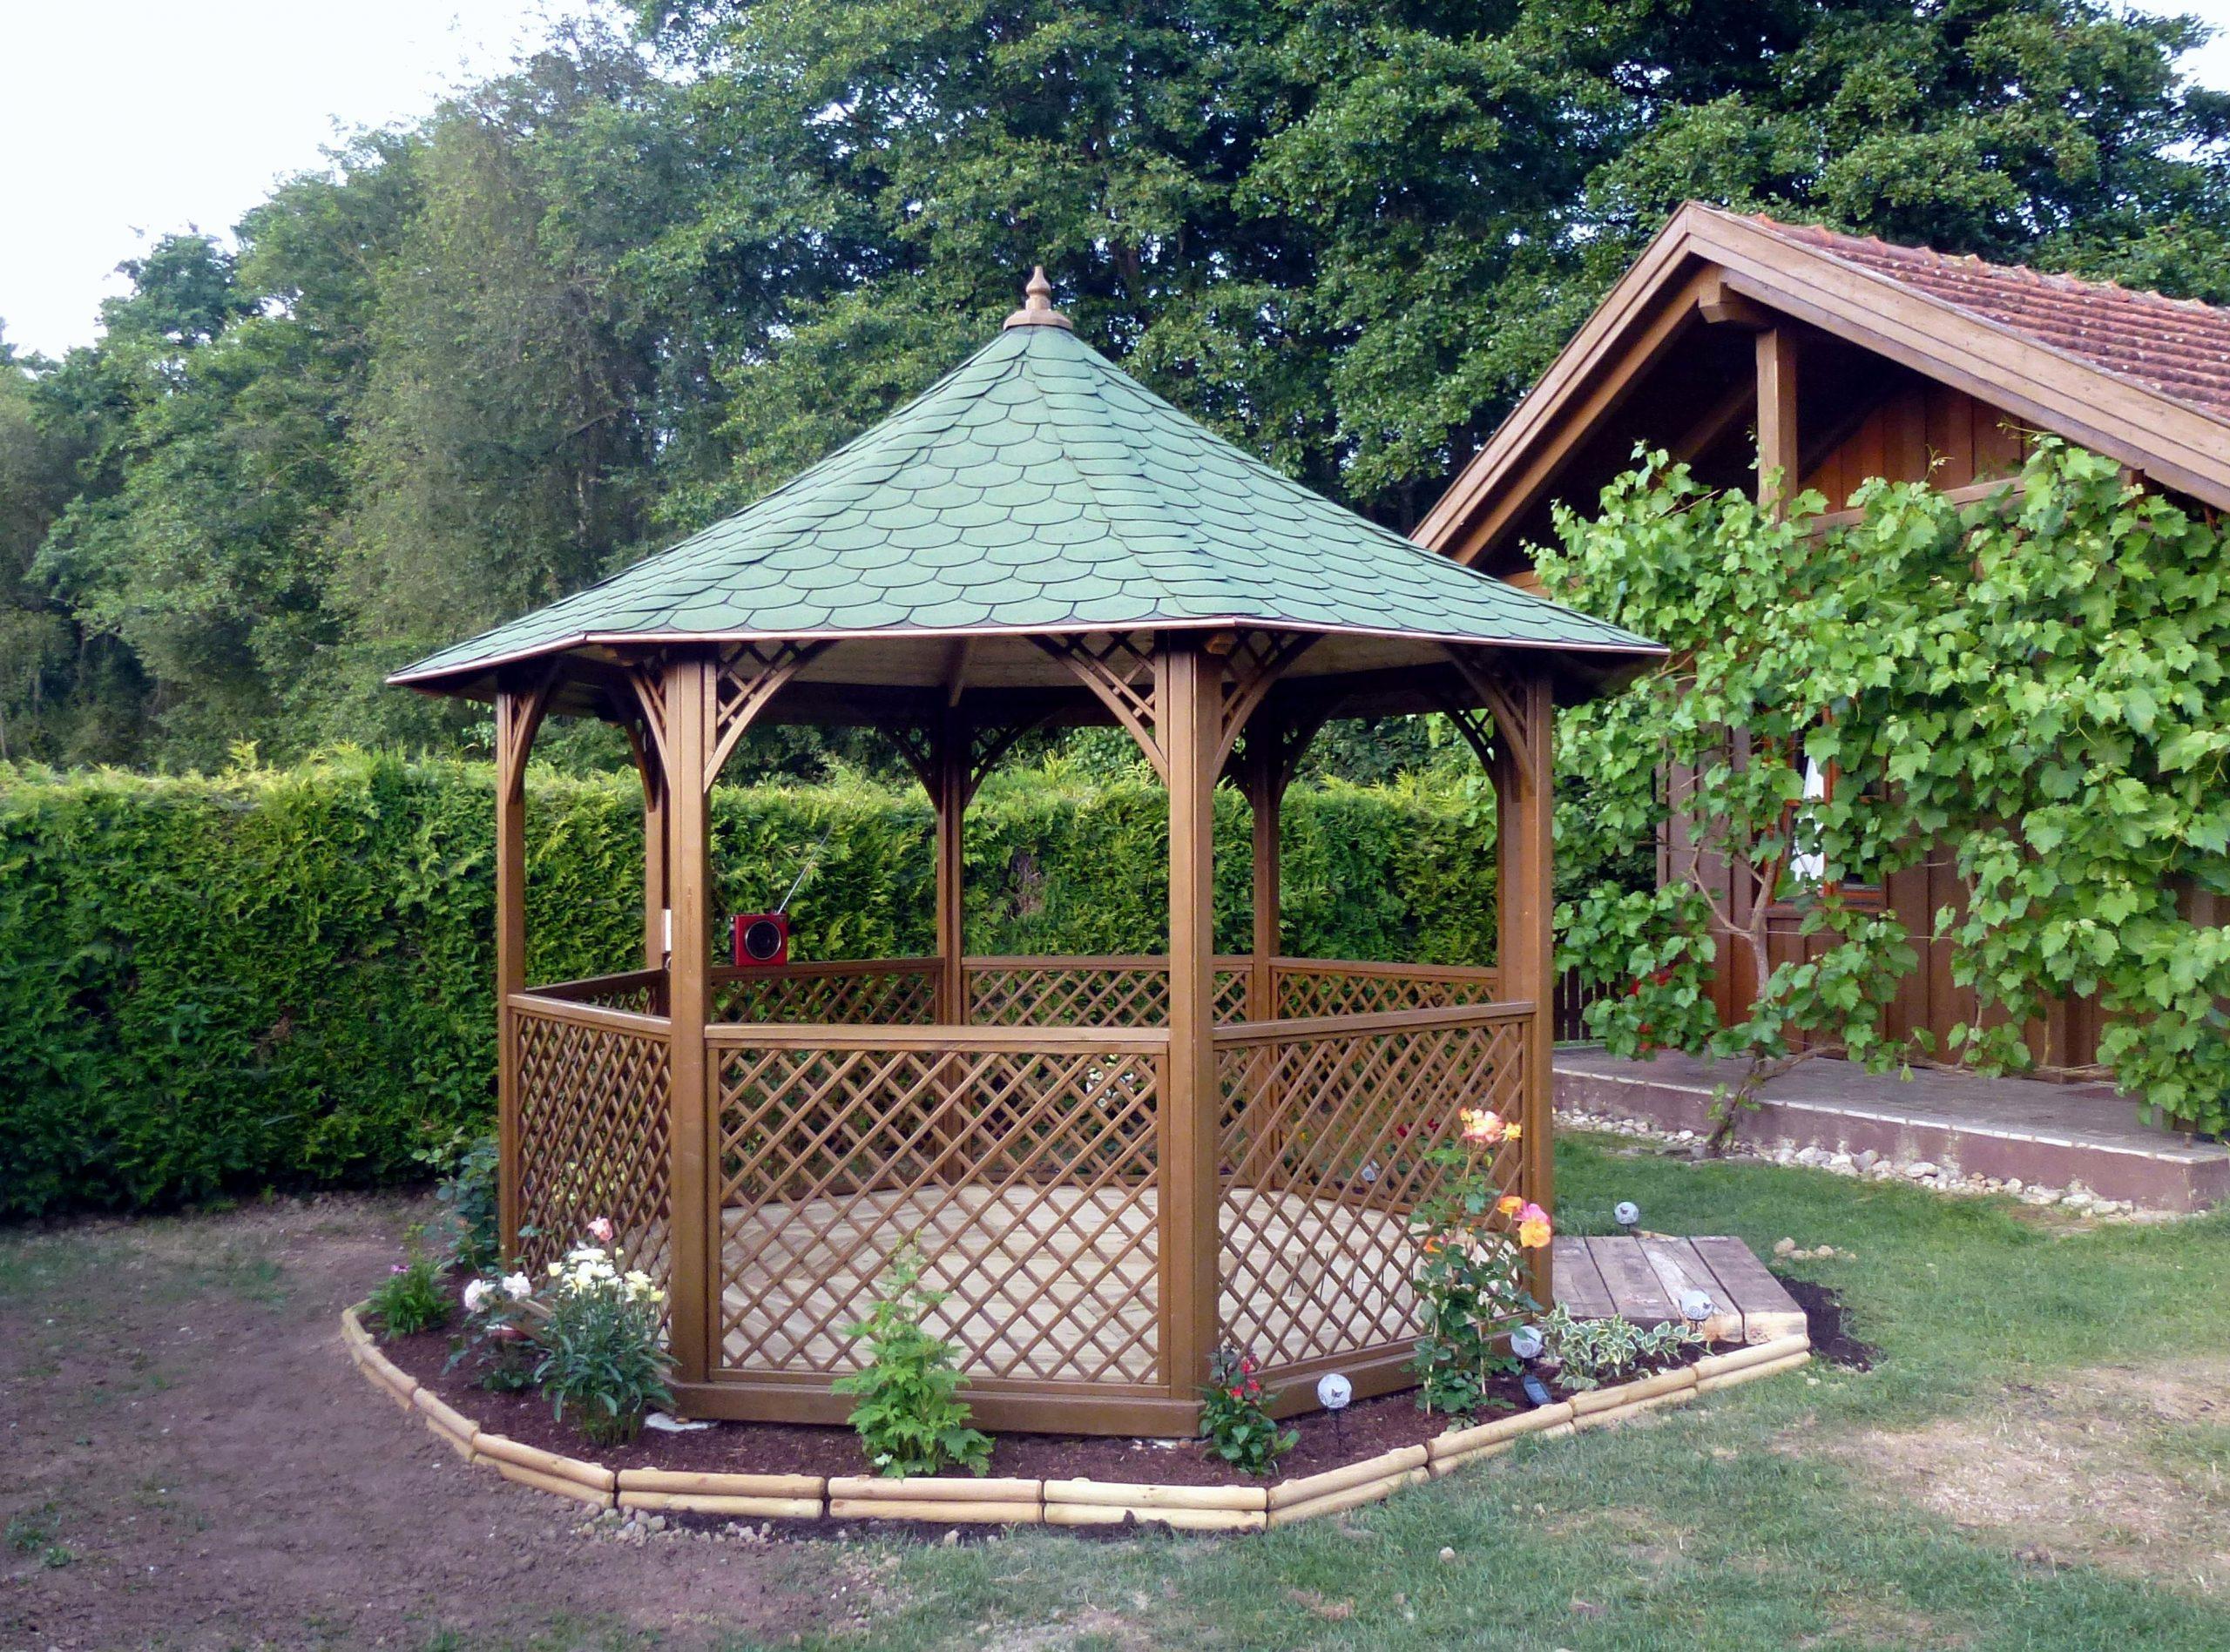 66 Luxe Image De Cabane Jardin Castorama | Sailkarting tout Bordure Jardin Pvc Castorama